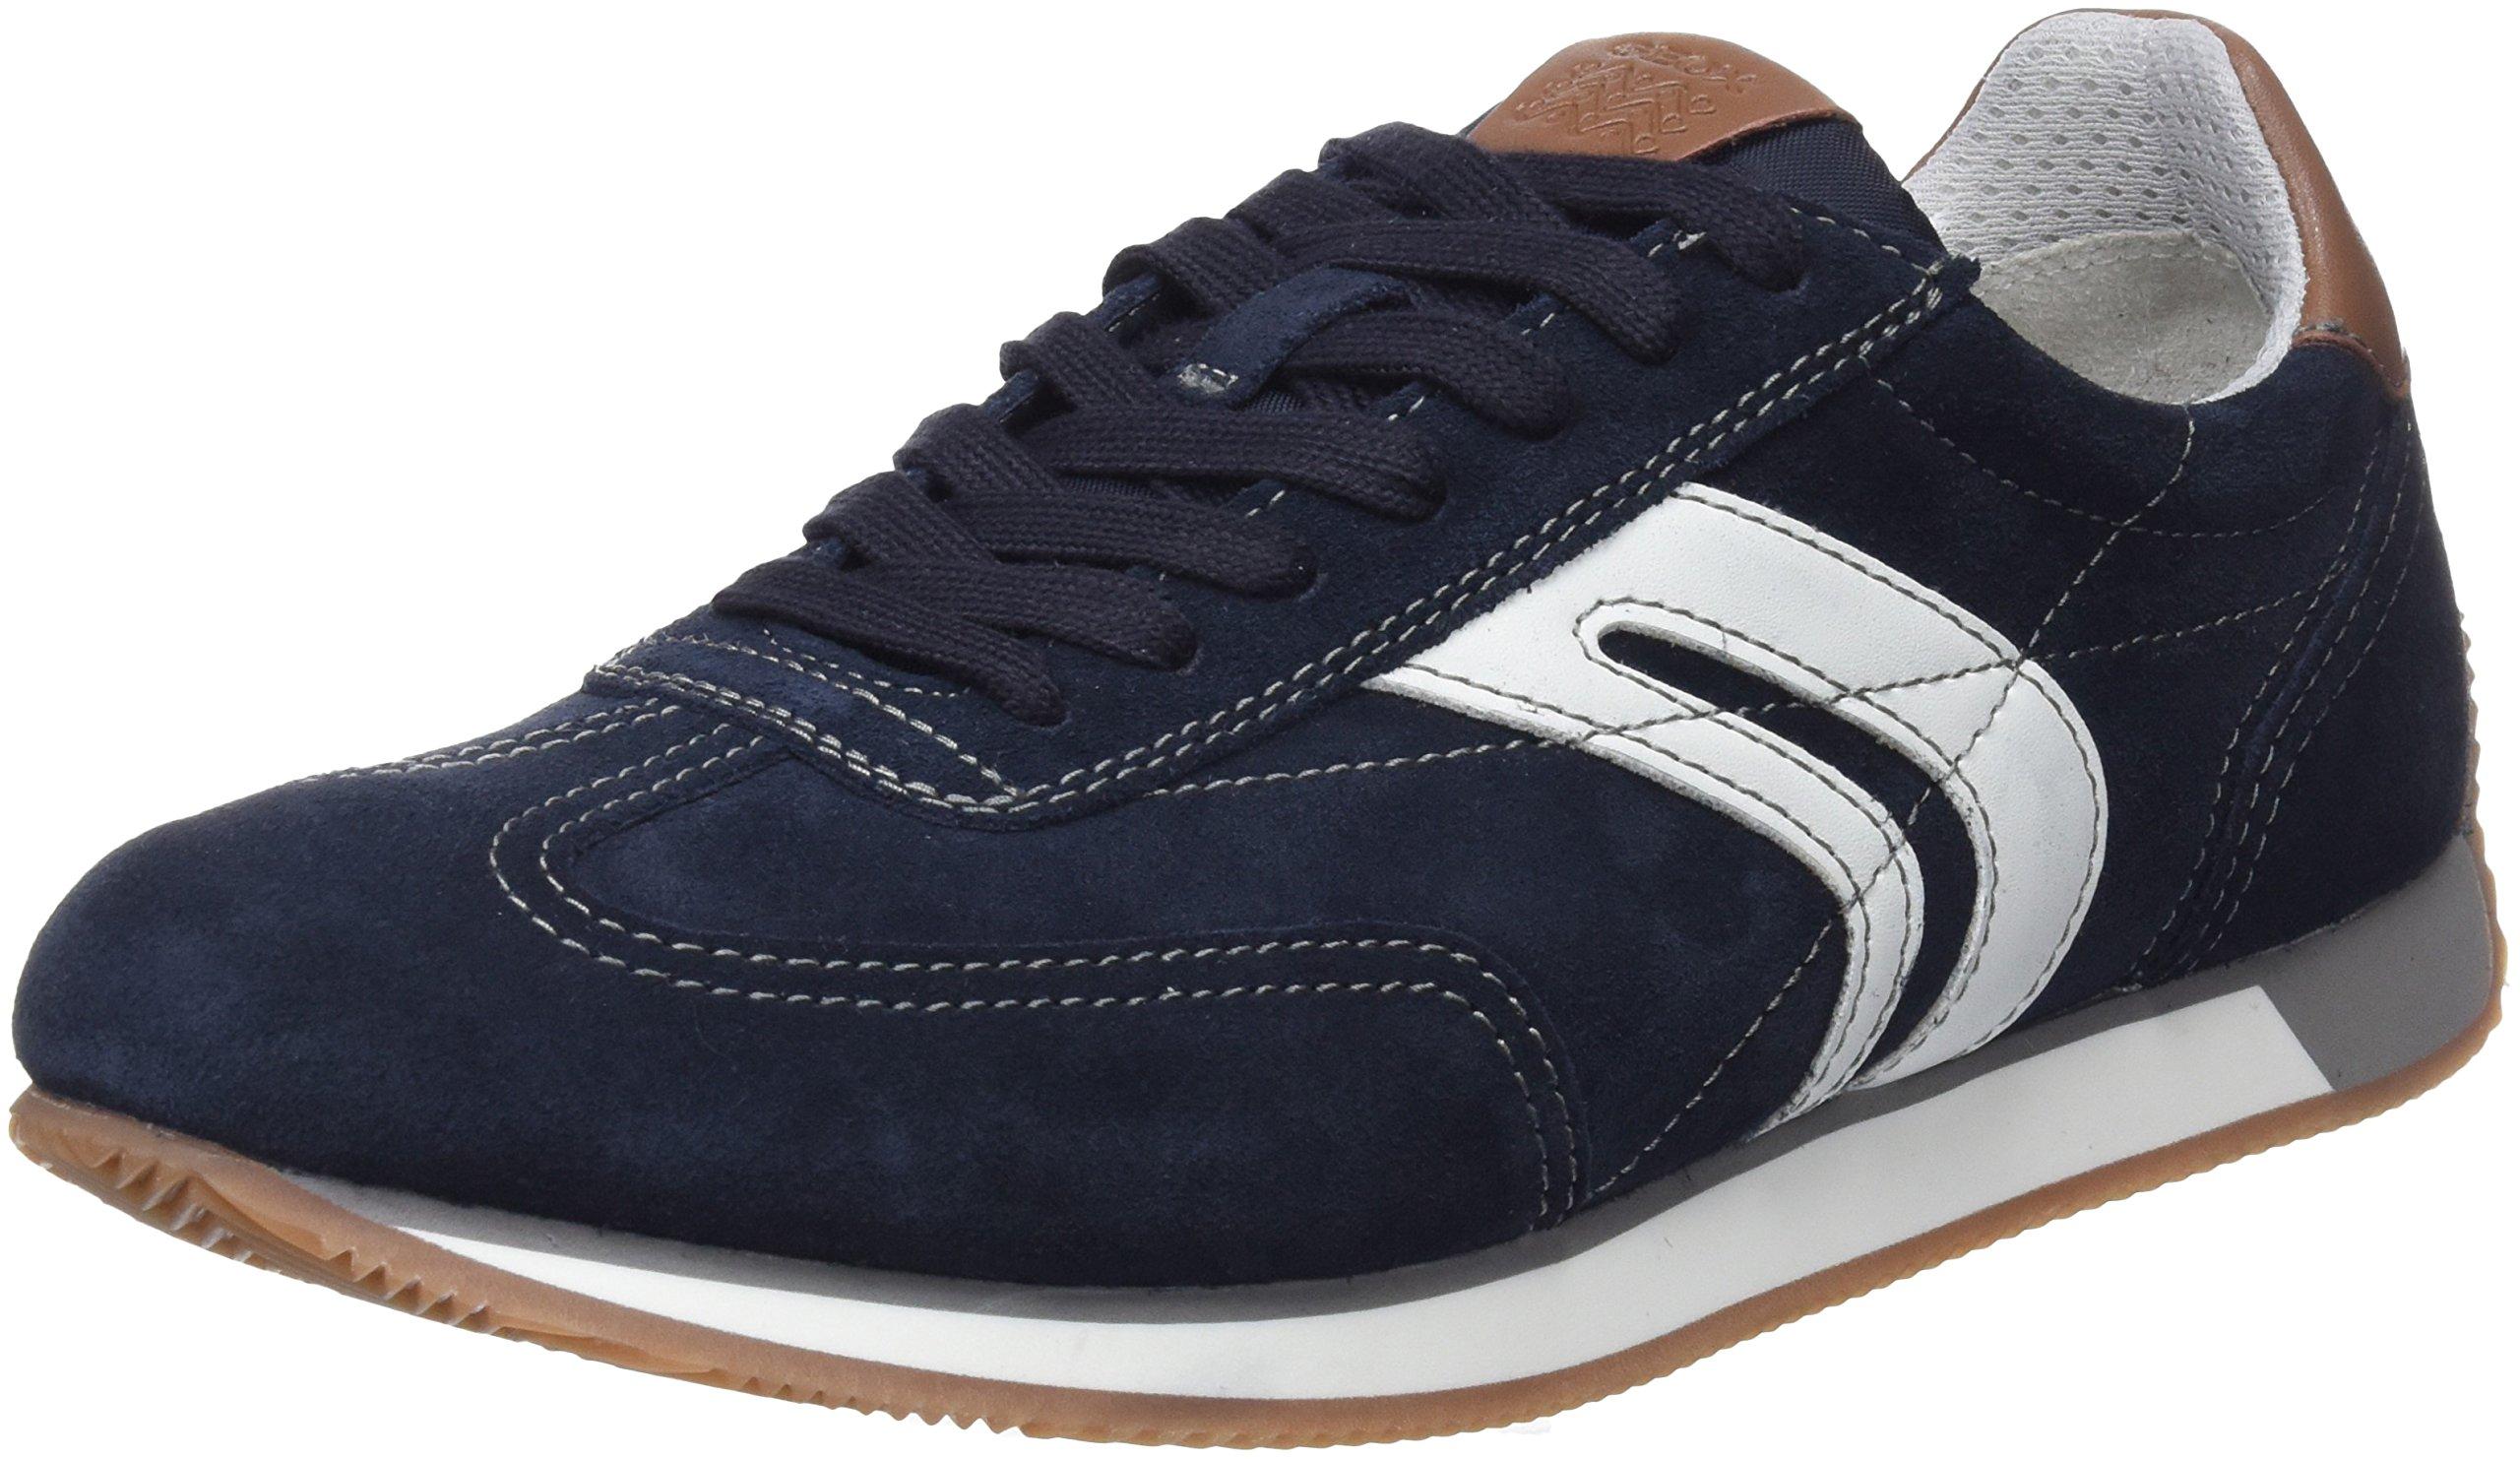 9 US Pick SZ//Color. Geox Mens VINTO 4 Sneaker